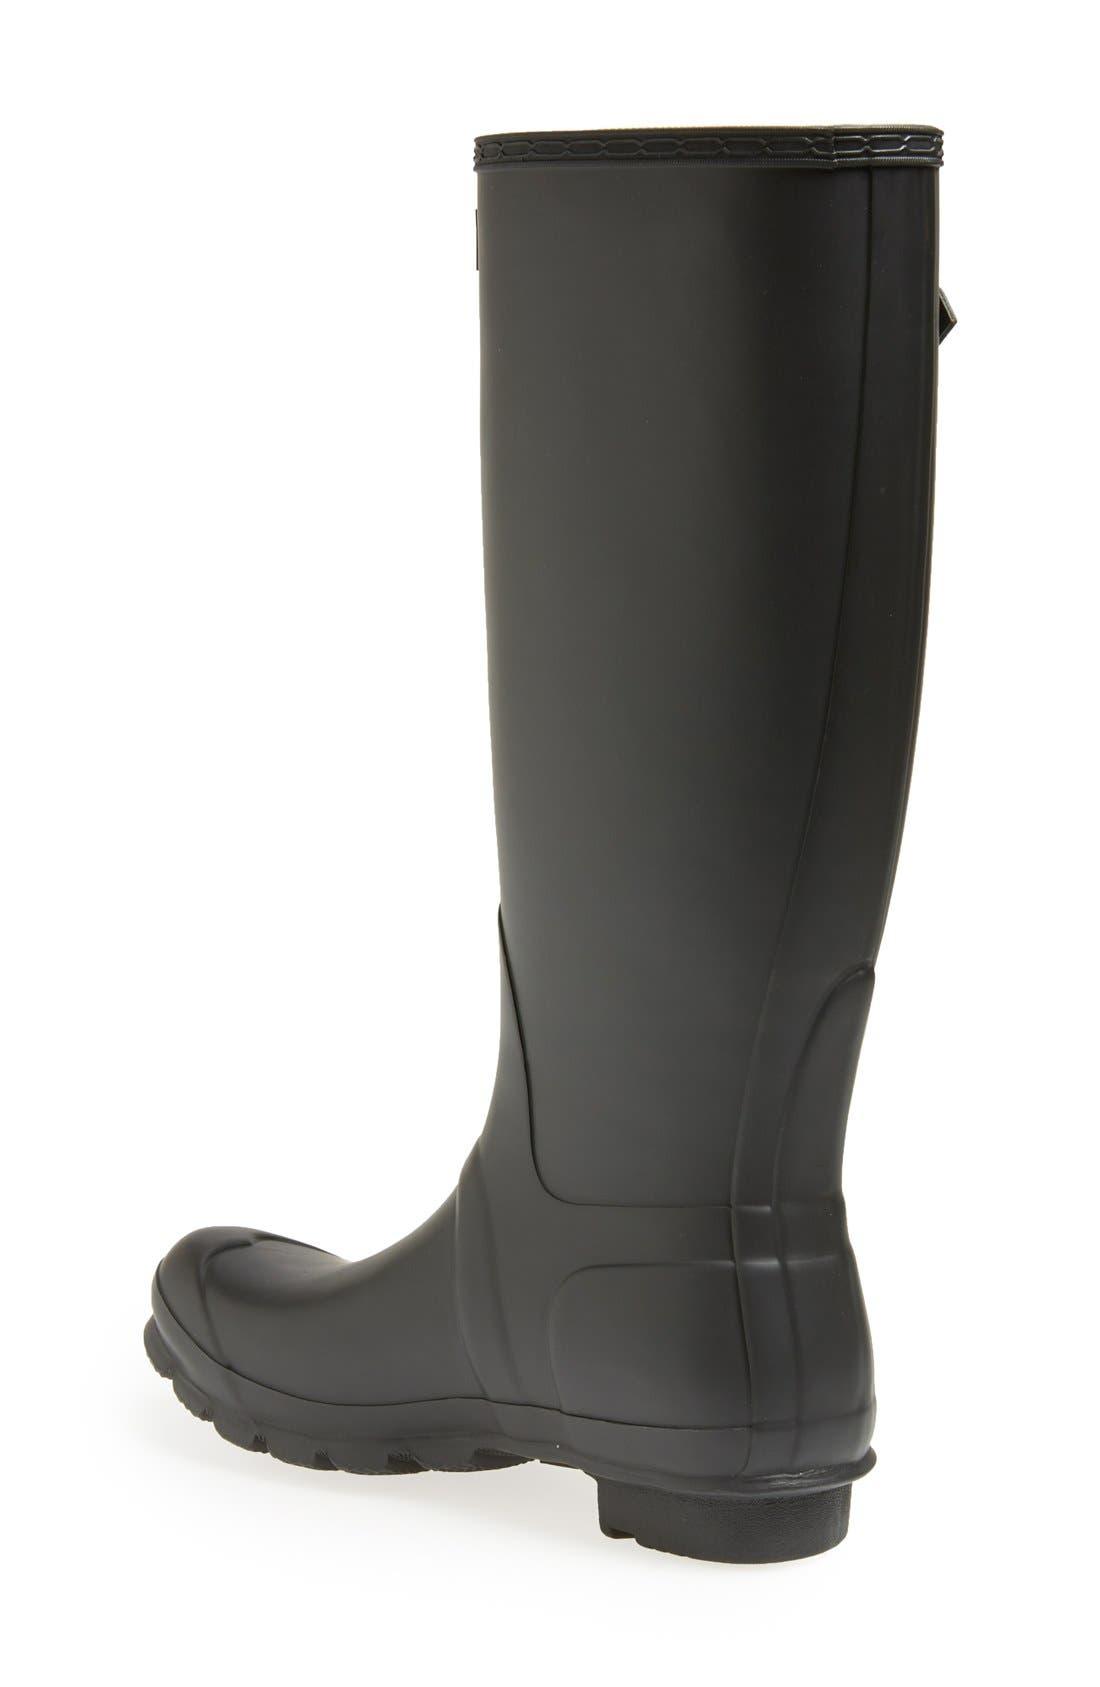 HUNTER, Original Tall Waterproof Rain Boot, Alternate thumbnail 4, color, BLACK MATTE